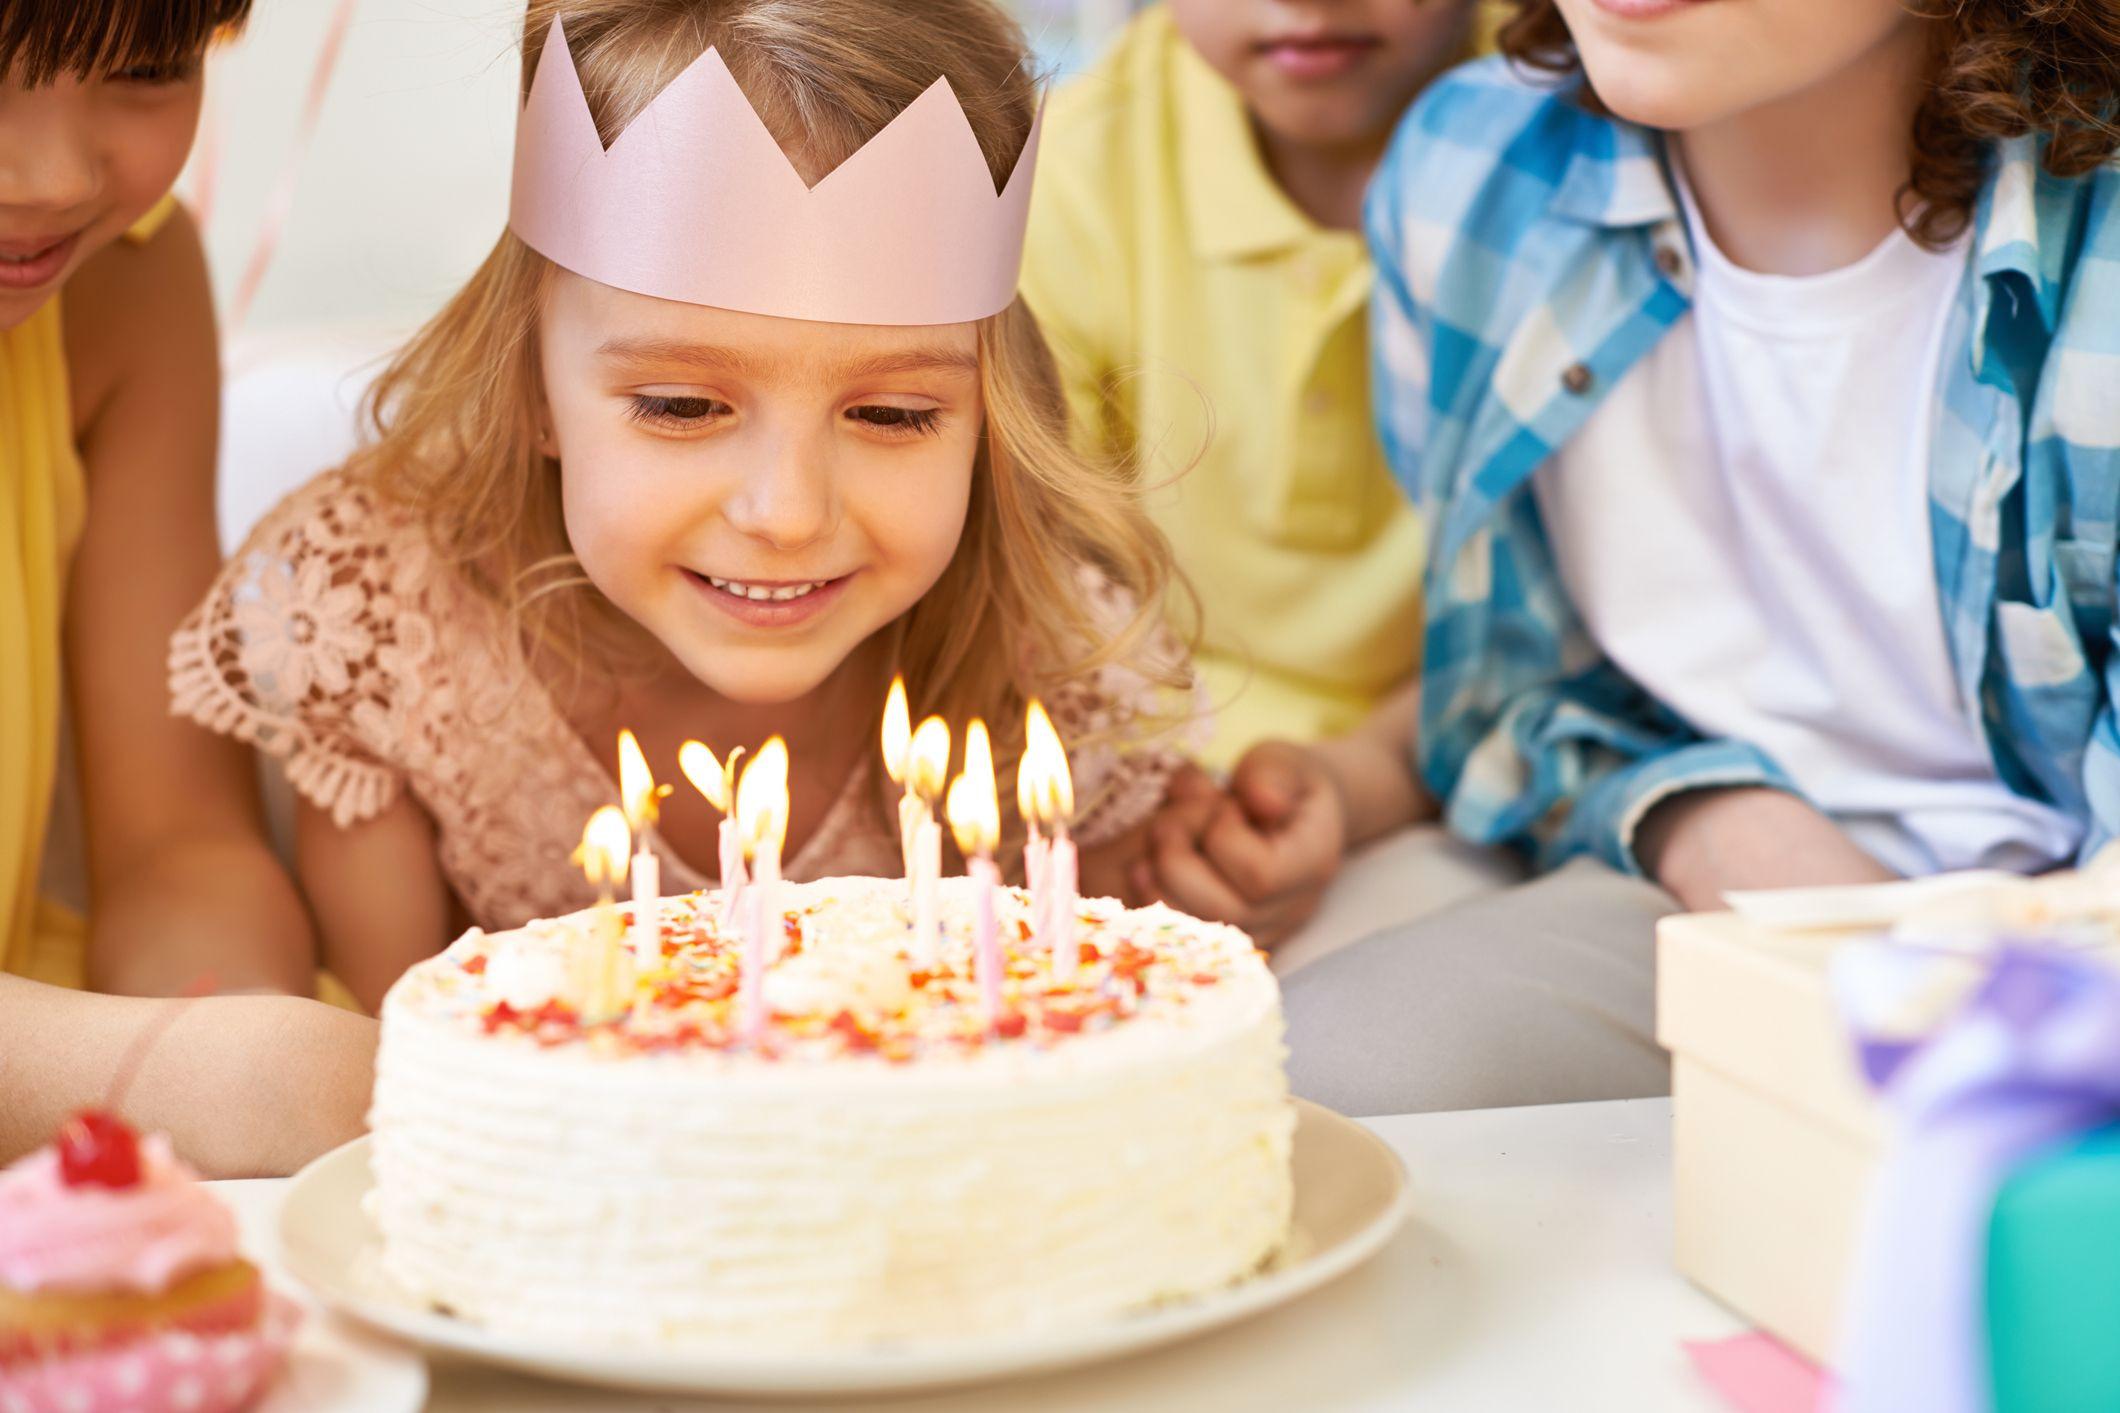 Bolos de aniversário em escolas só com certificação? Sim, pela segurança